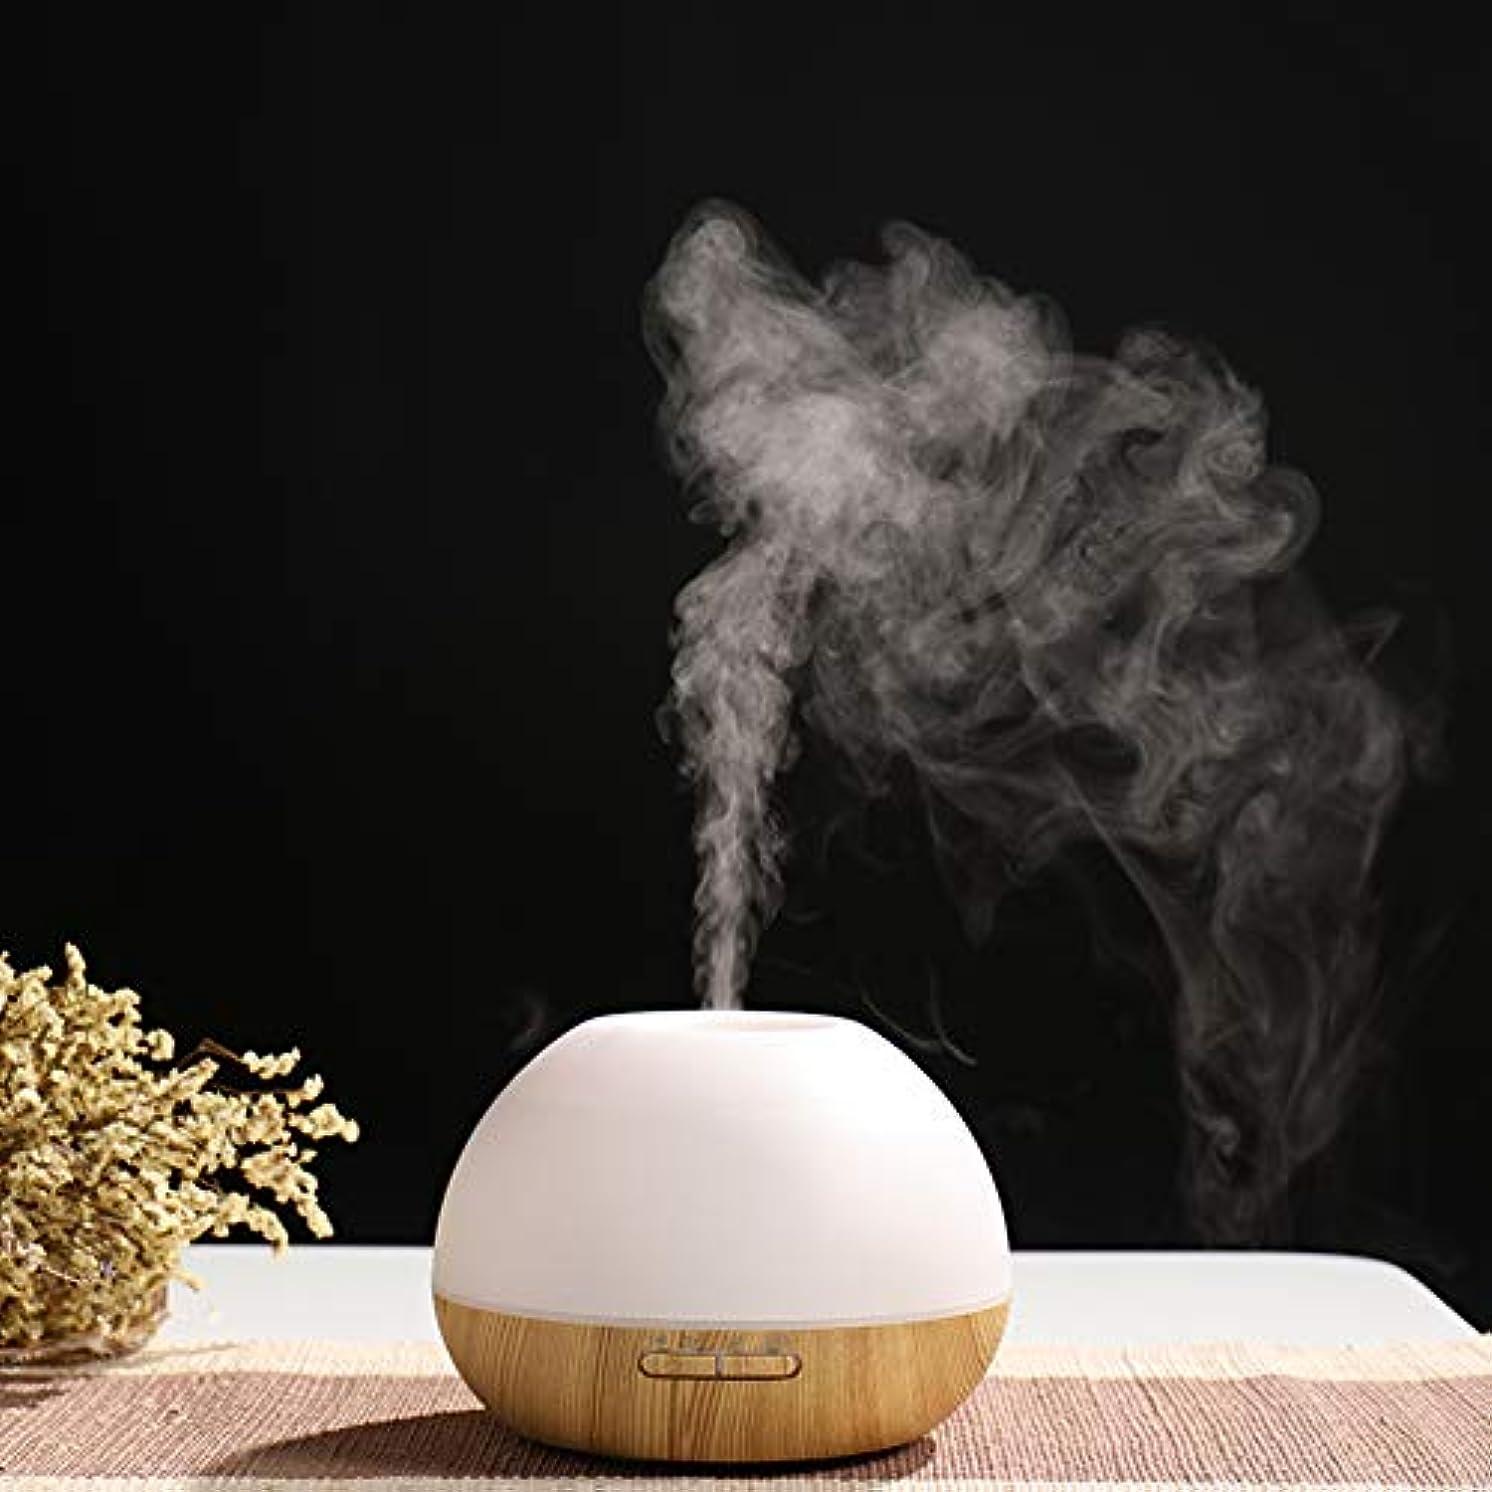 メタルラインコンプライアンス入植者涼しい霧の加湿器、アロマエッセンシャルオイルディフューザー、超音波木材穀物オプションの色変更光は、広い部屋のための理想的な,Lightbrown